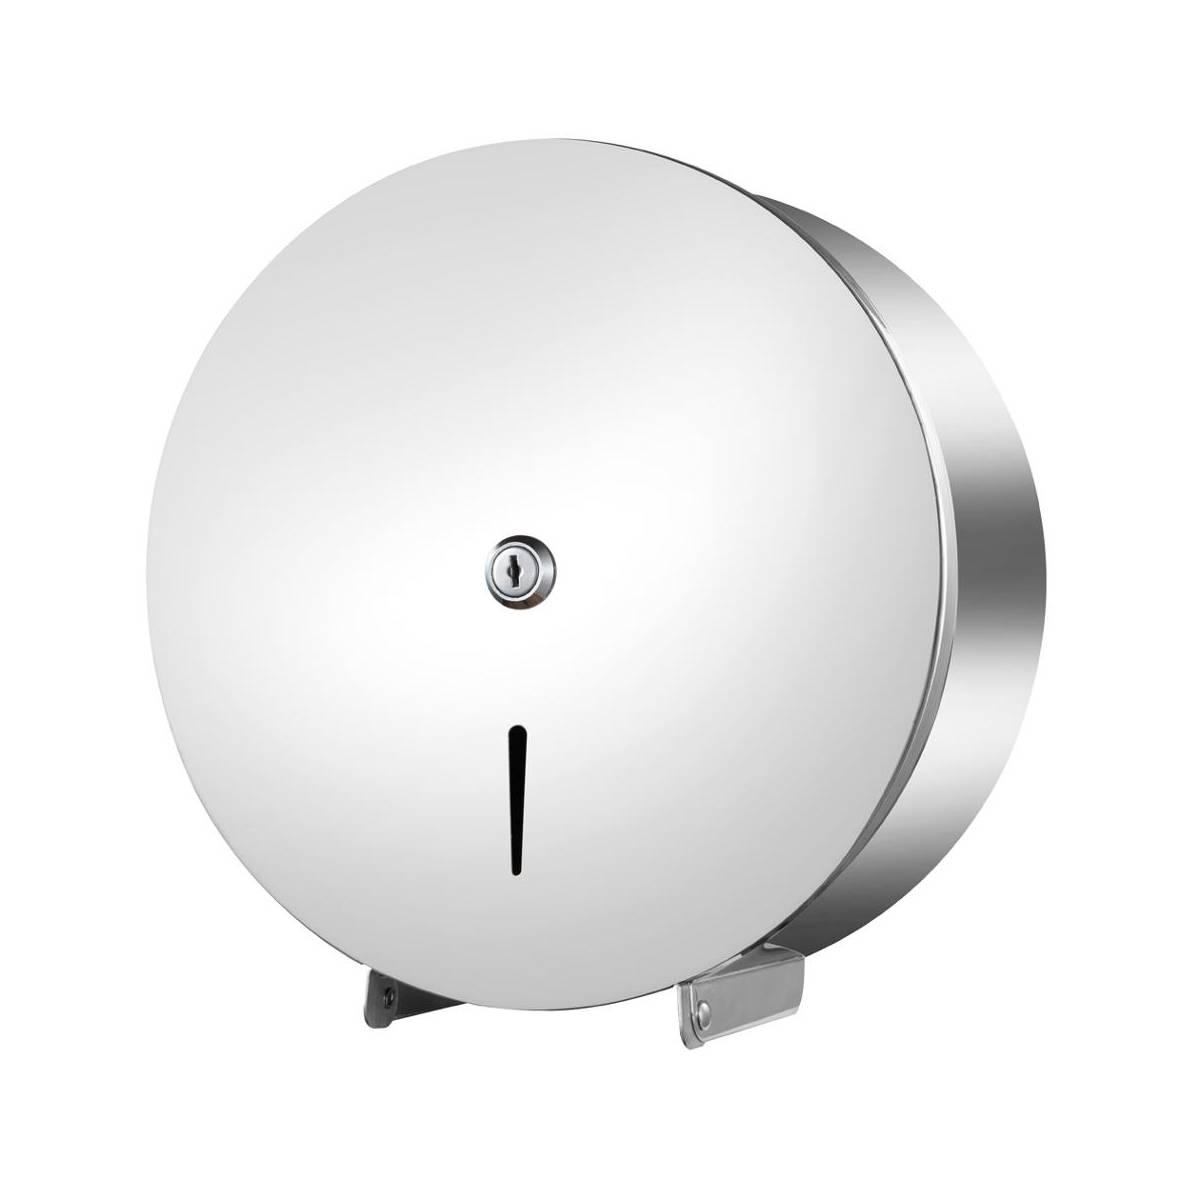 Диспенсер туалетной бумаги Jumbo WС нержавеющая сталь Ø20 cm 209401 Noksi